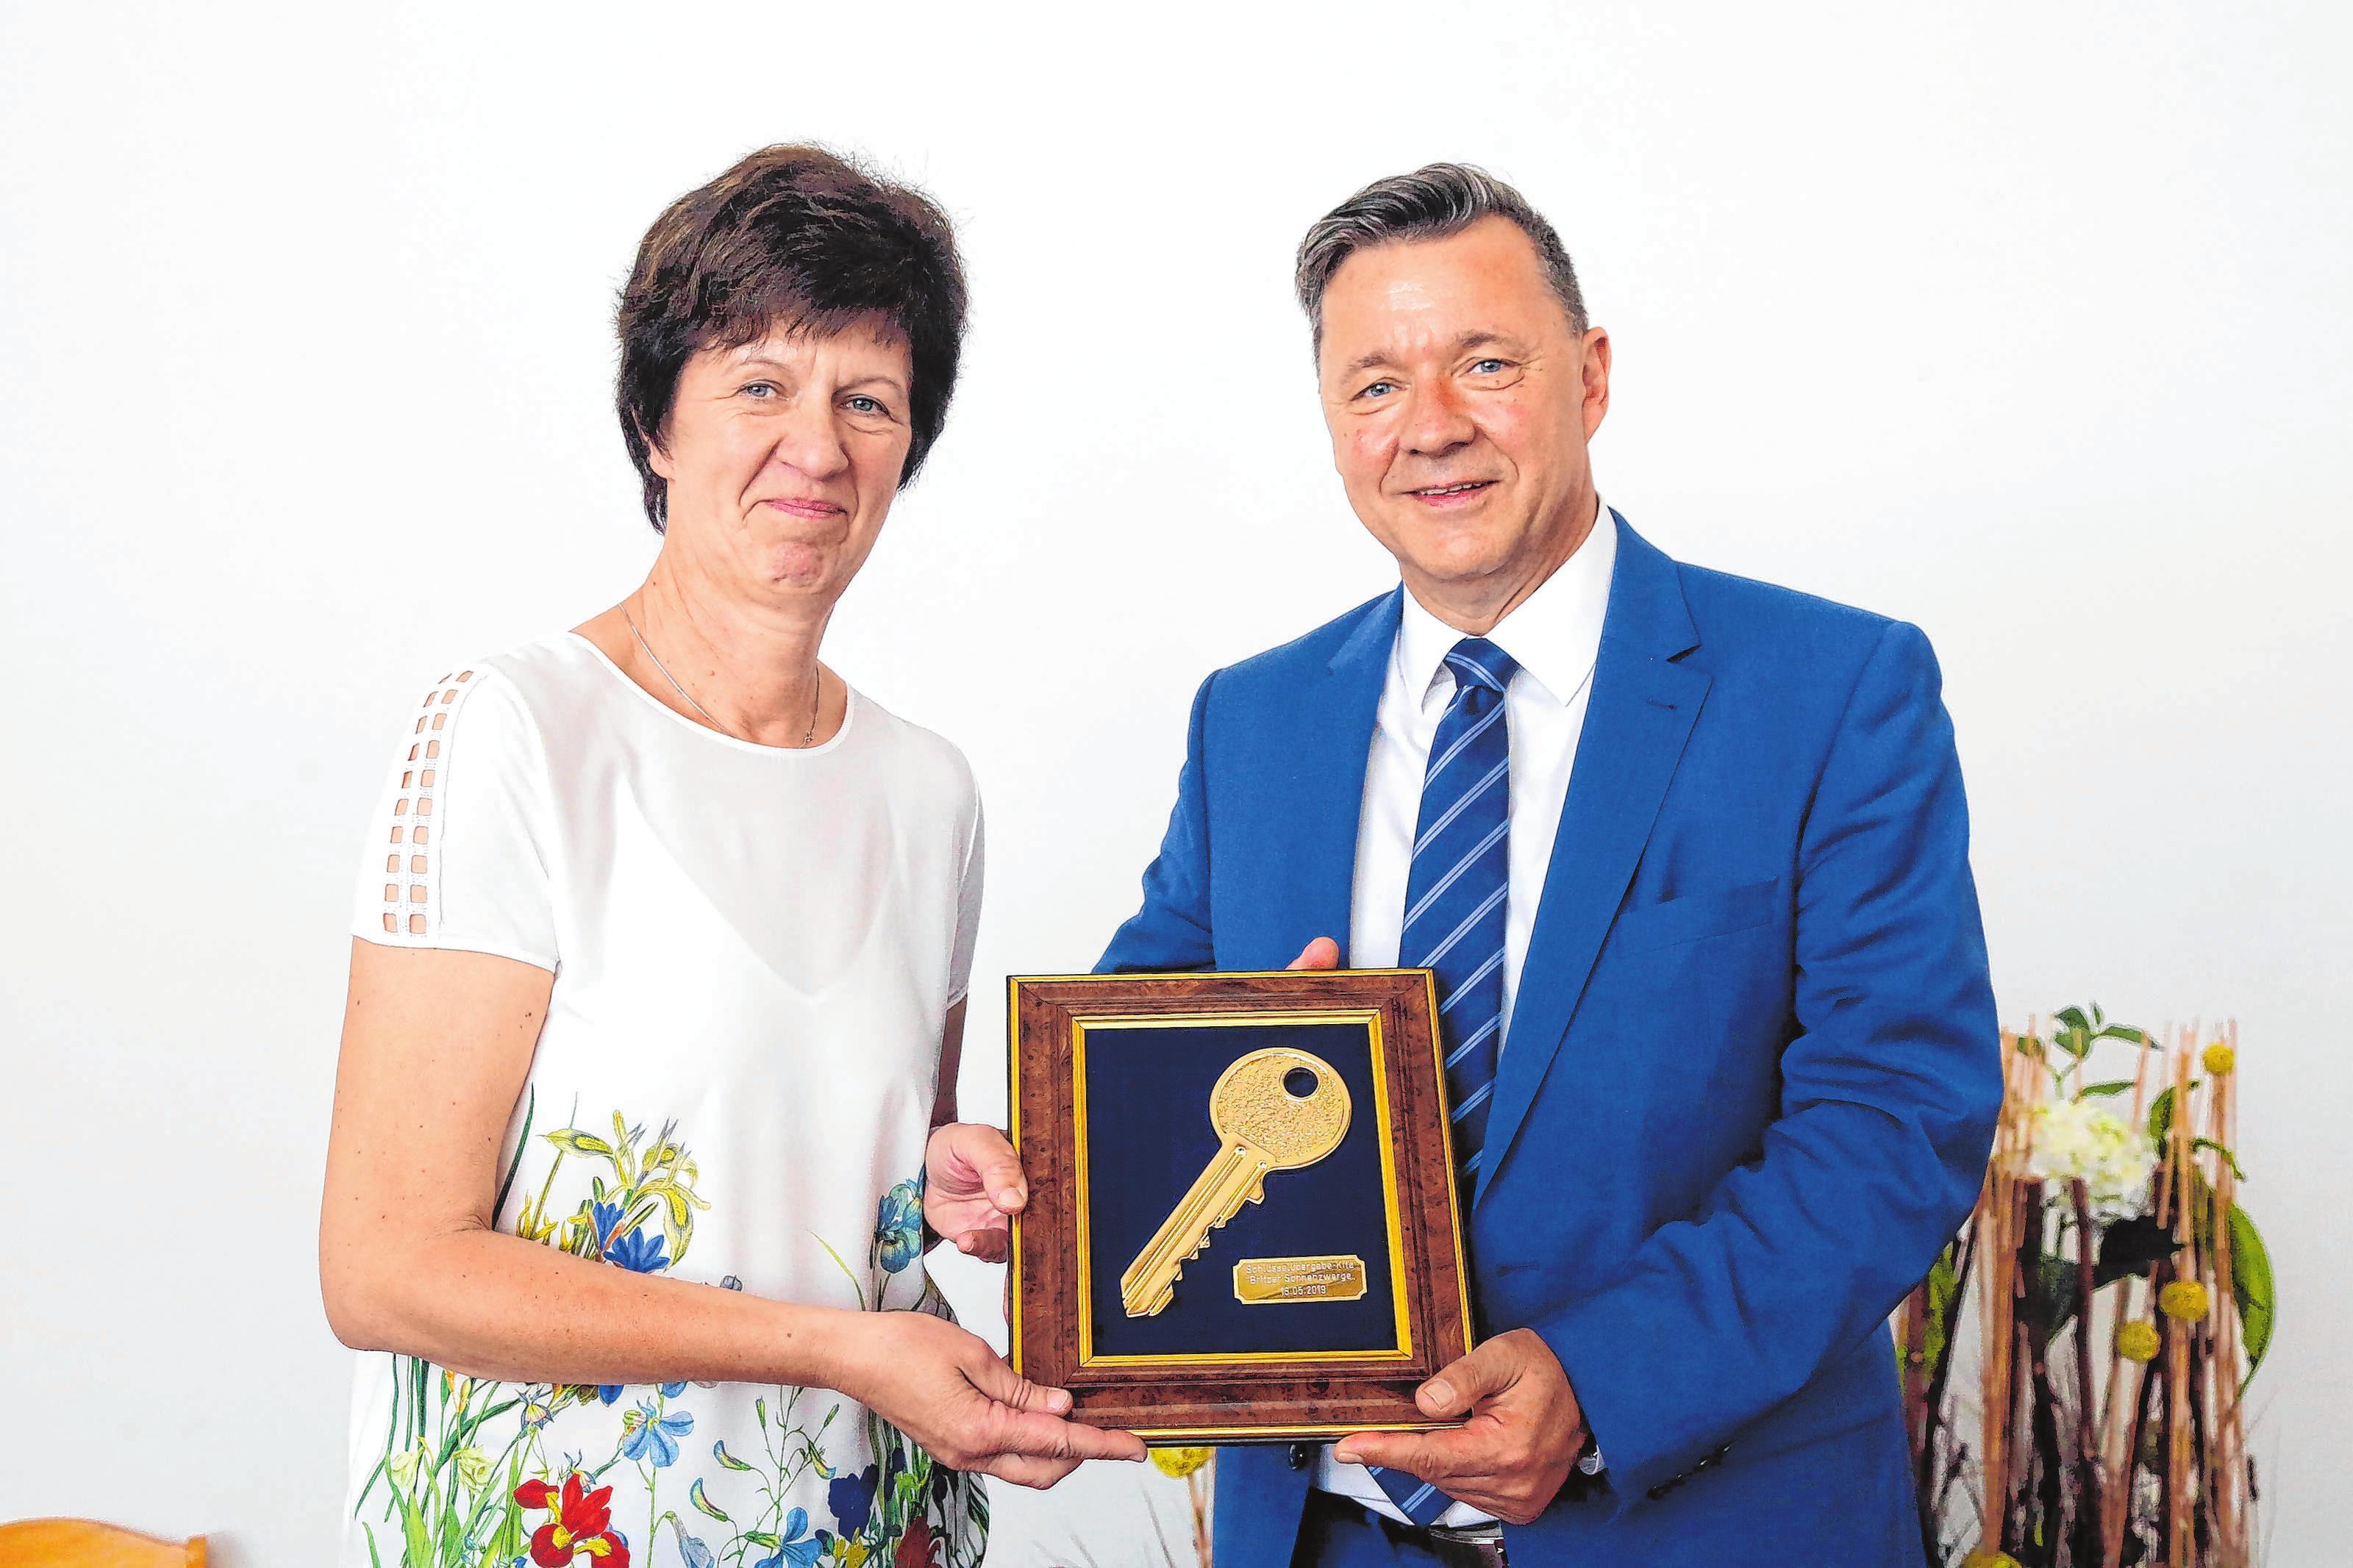 Britz' Bürgermeister André Guse übergibt einen großen symbolischen Schlüssel an die stellvertretende Kita-Leiterin Birgit Thielemann.